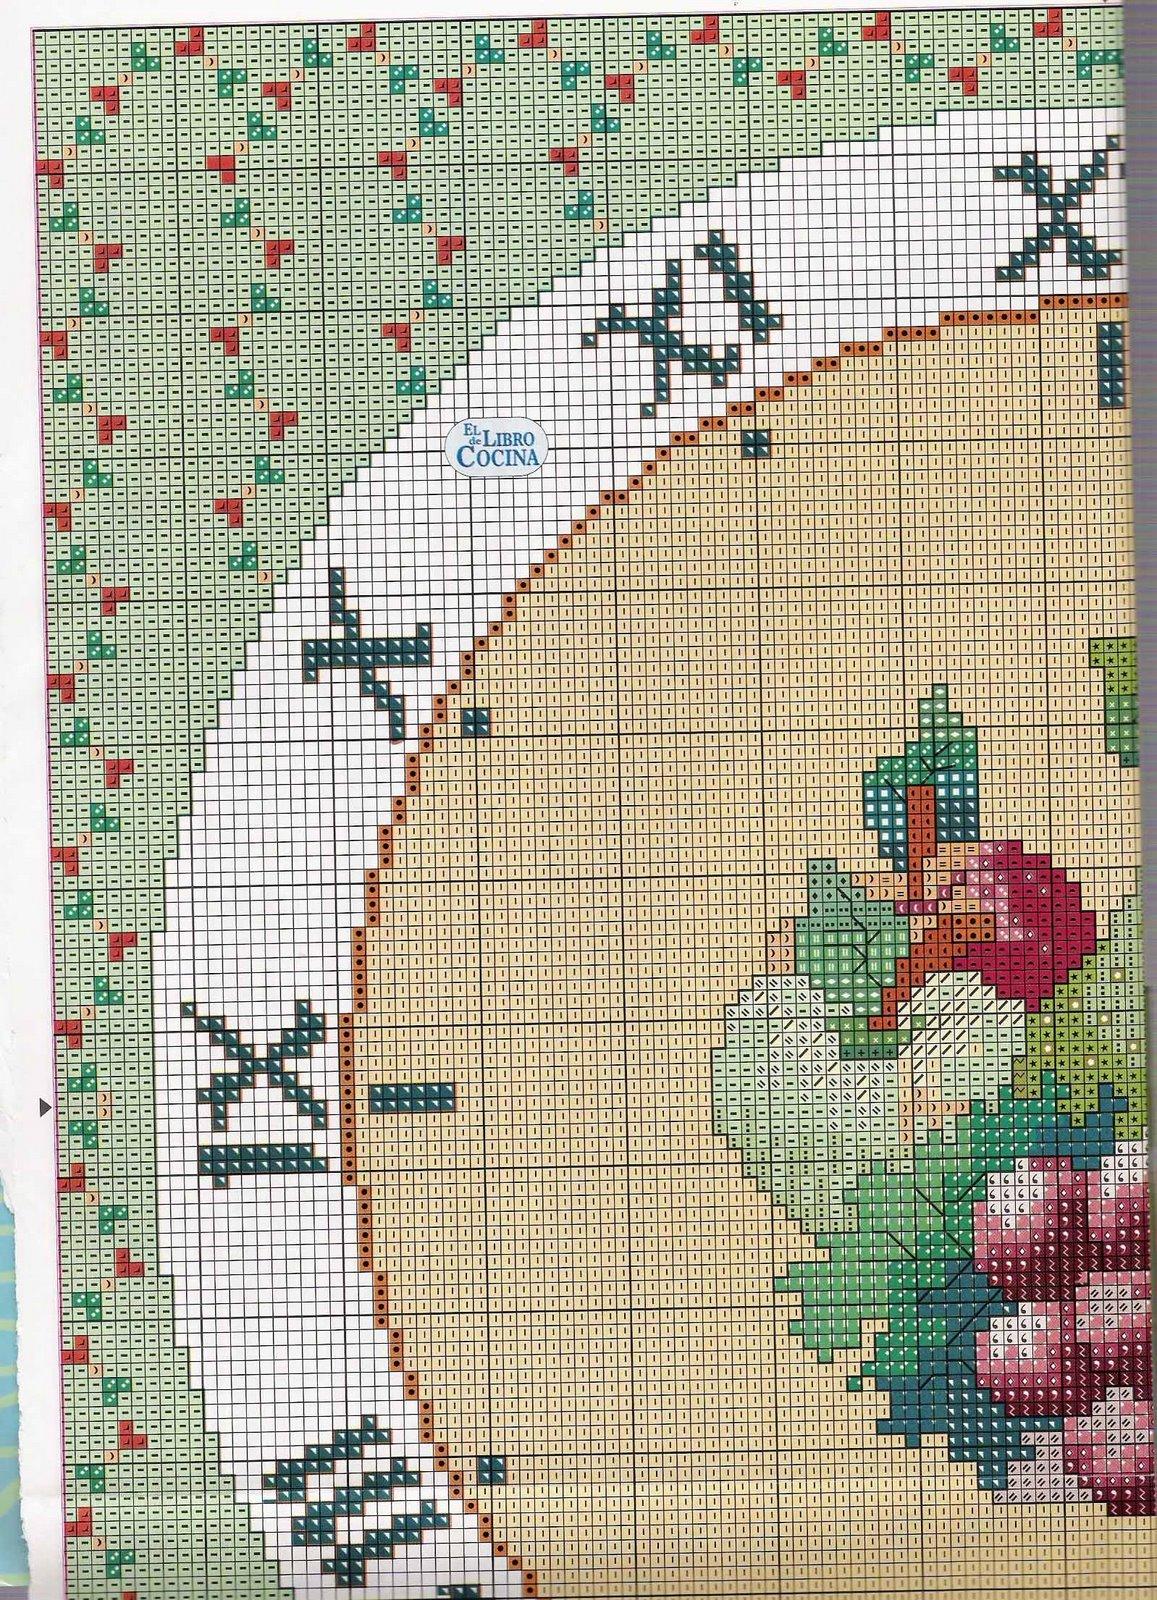 Orologio frutta 4 punto croce uncinetto for Orologio punto croce schemi gratis